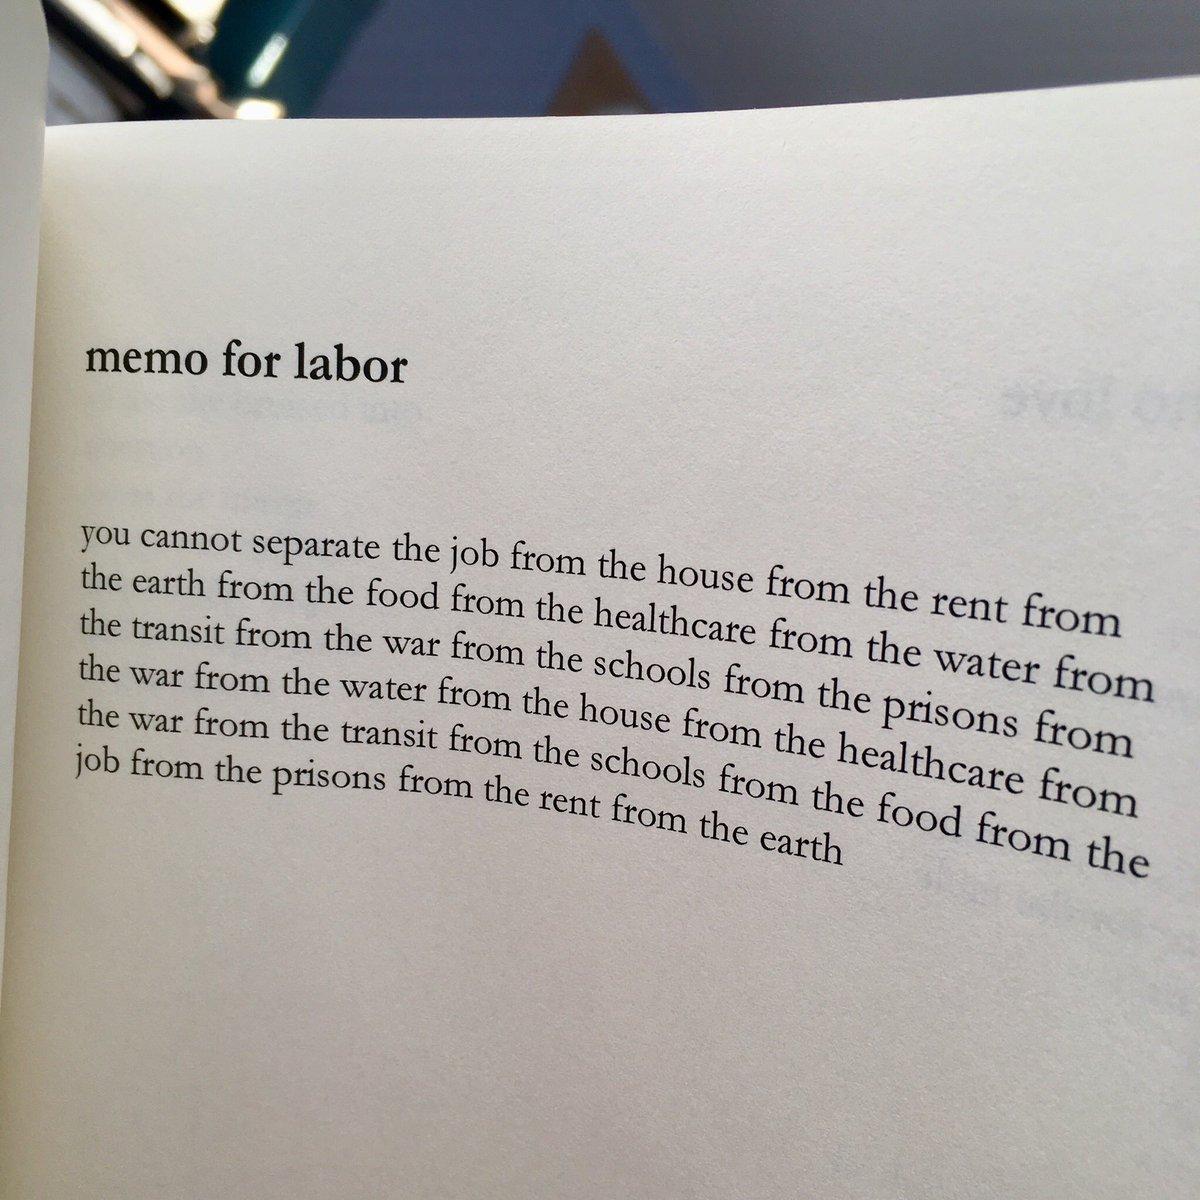 d8ce983cb6b Kostis Velonis: Memo for labor